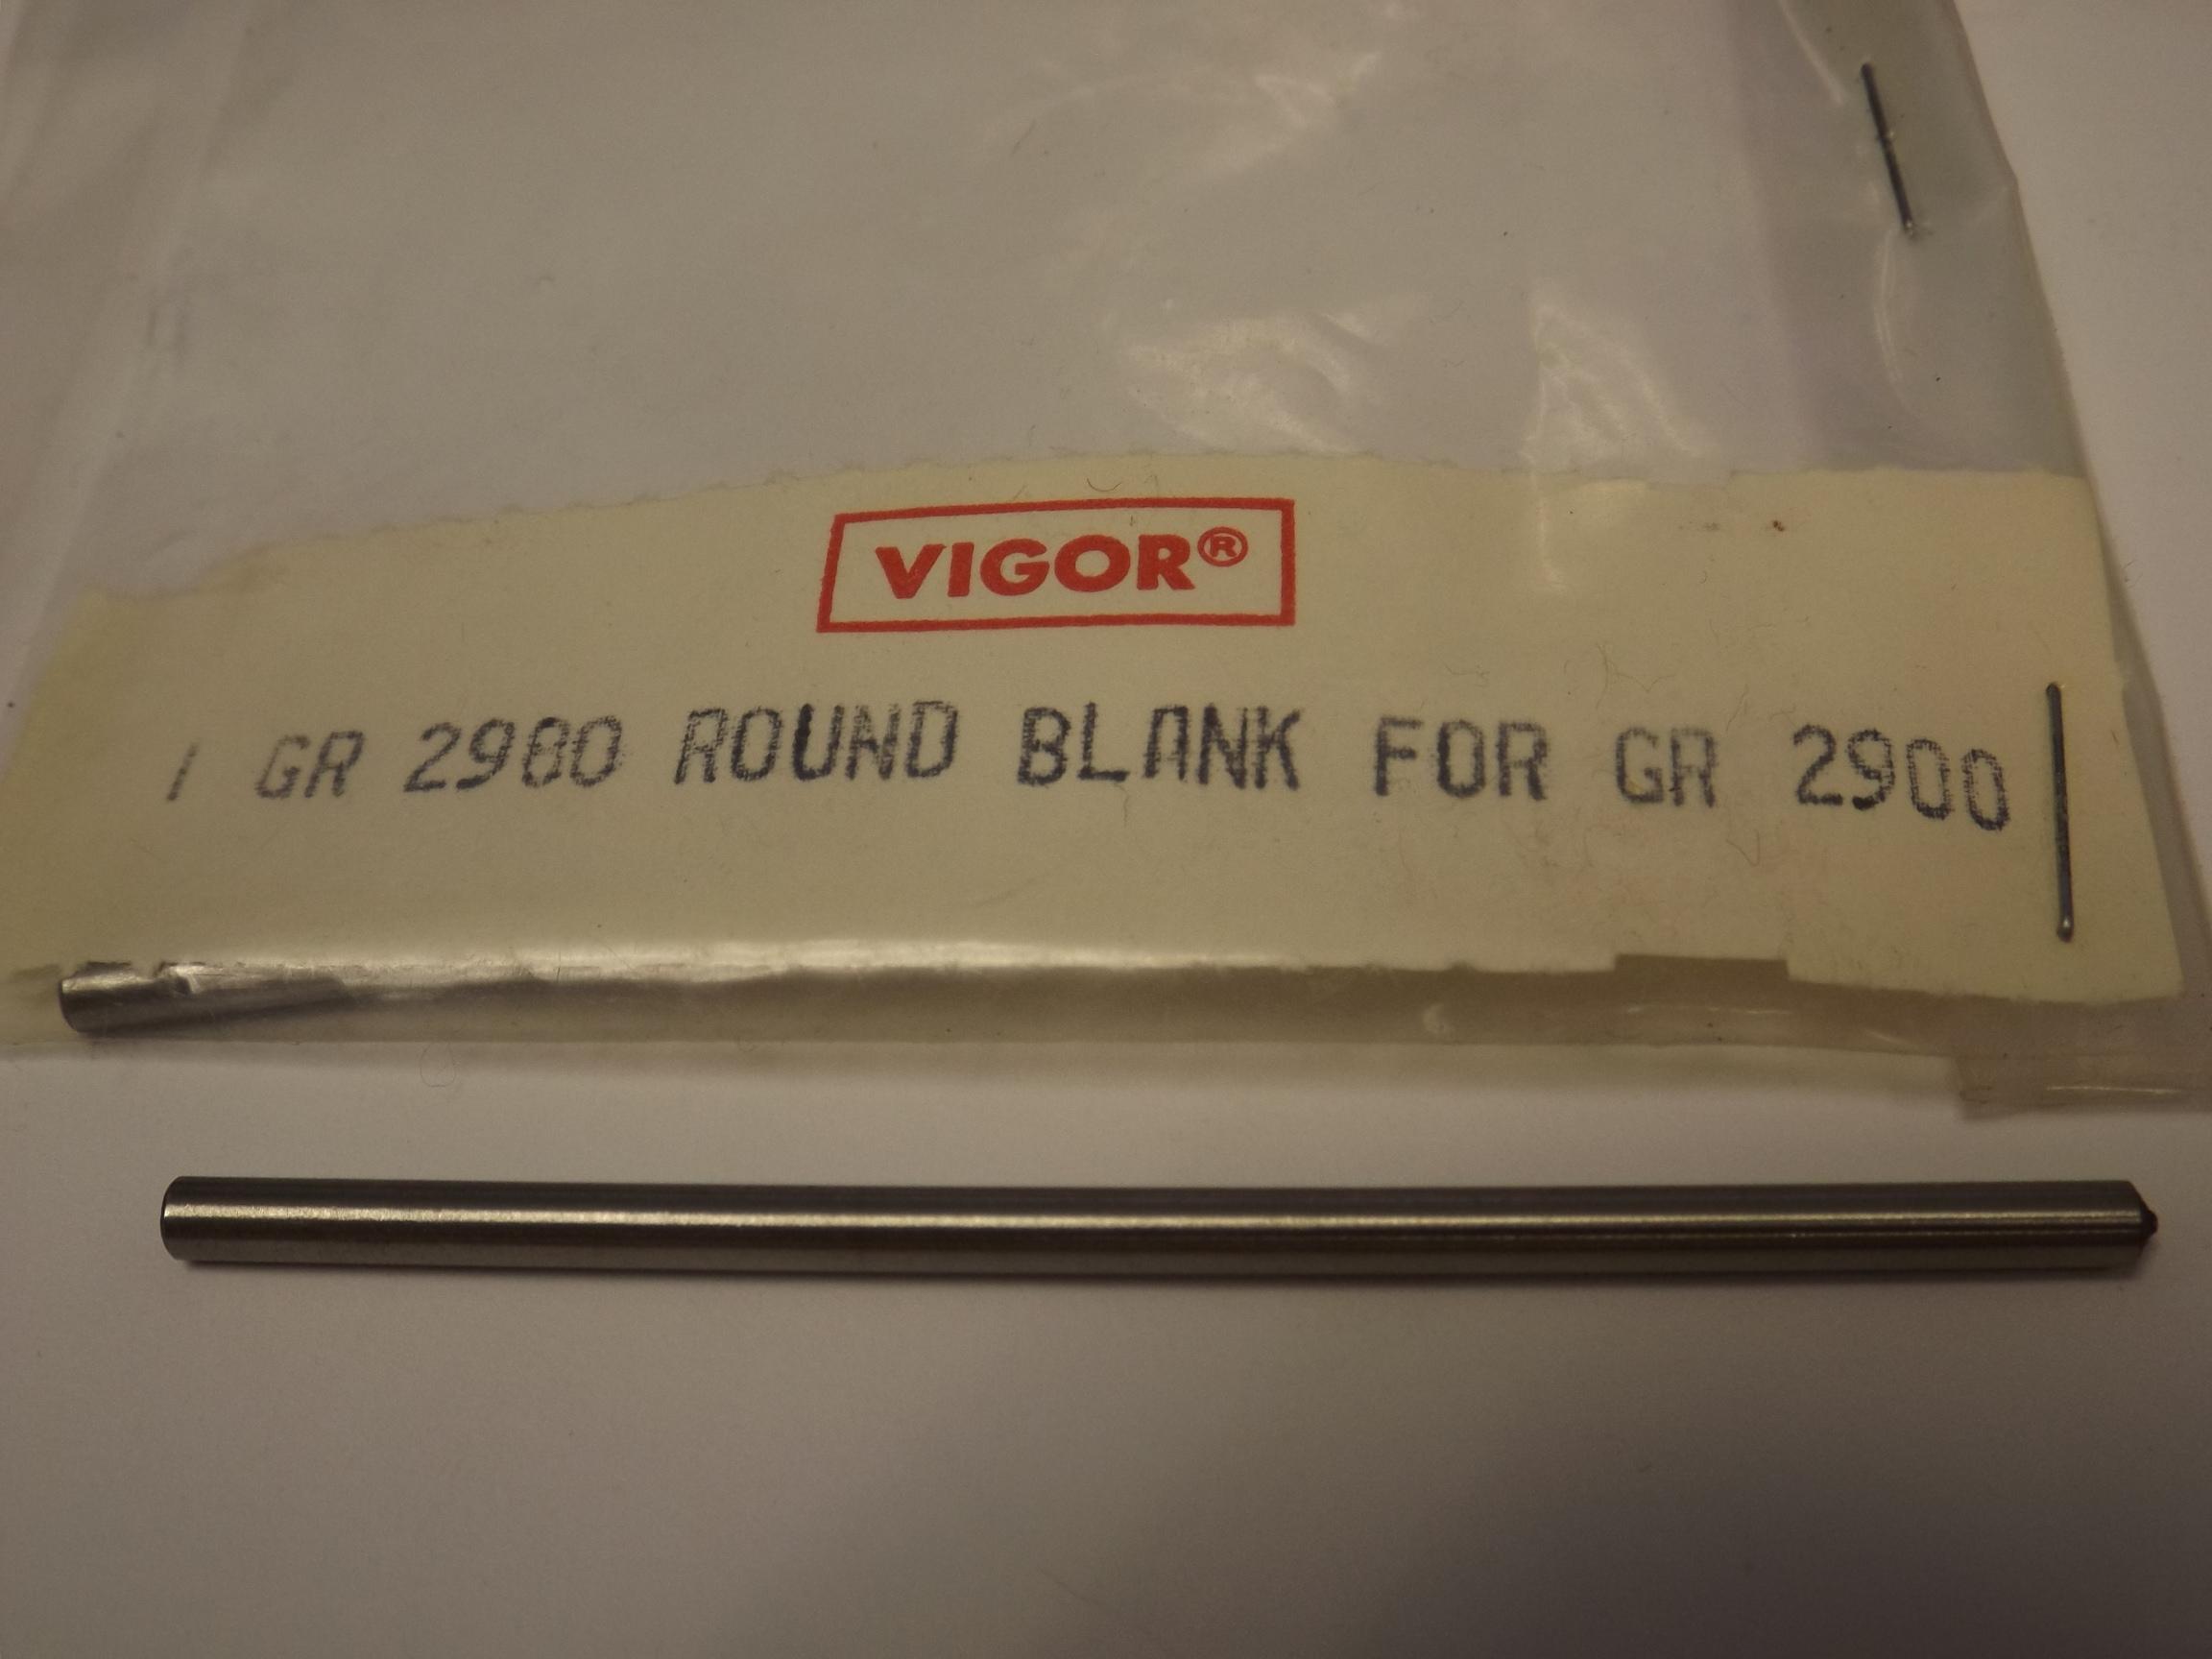 GR2980 Round Blanks for the Magna-Graver